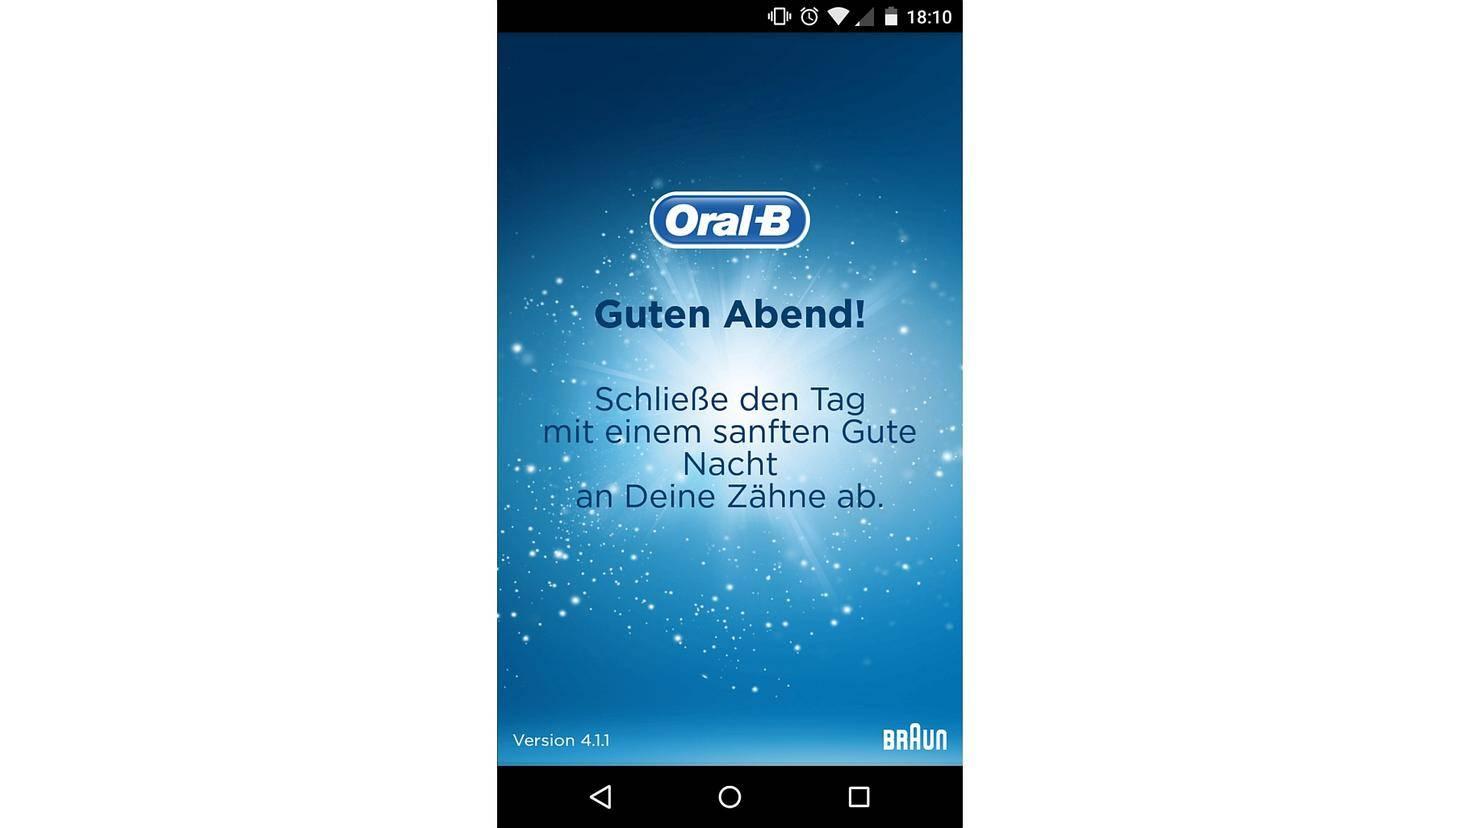 Die Oral-B-App findet immer freundliche Begrüßungsworte.